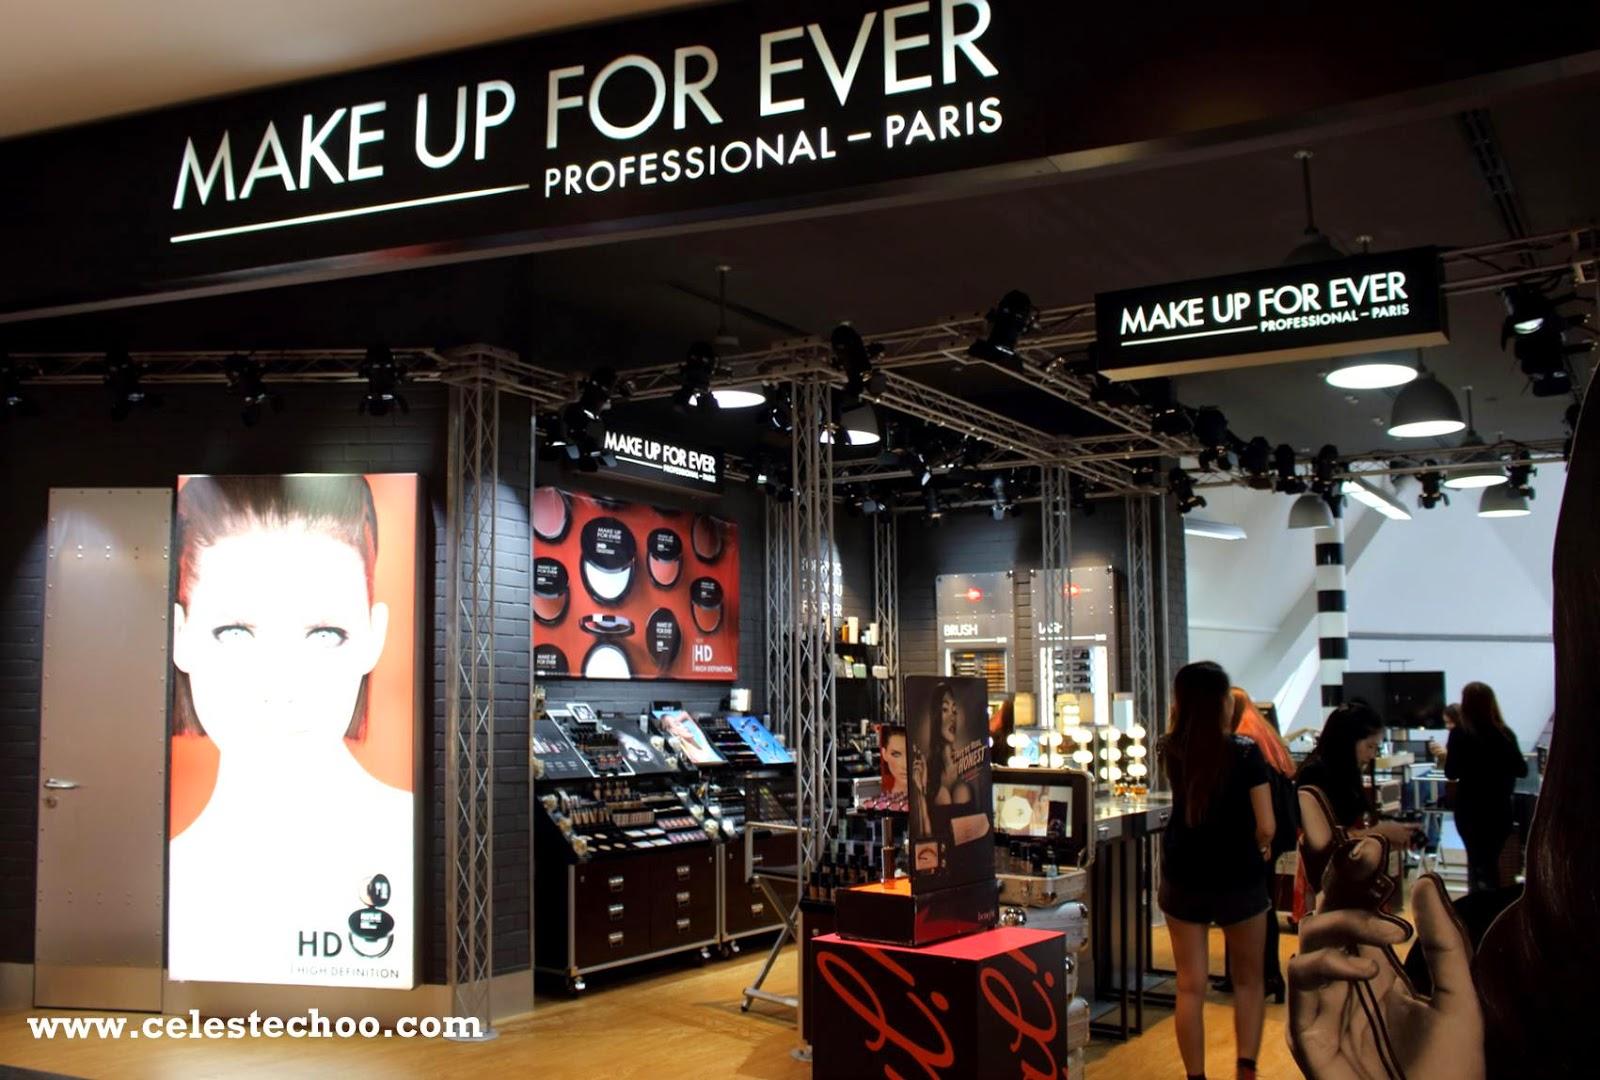 CelesteChoo.com: Make Up For Ever HD Make Up Workshop